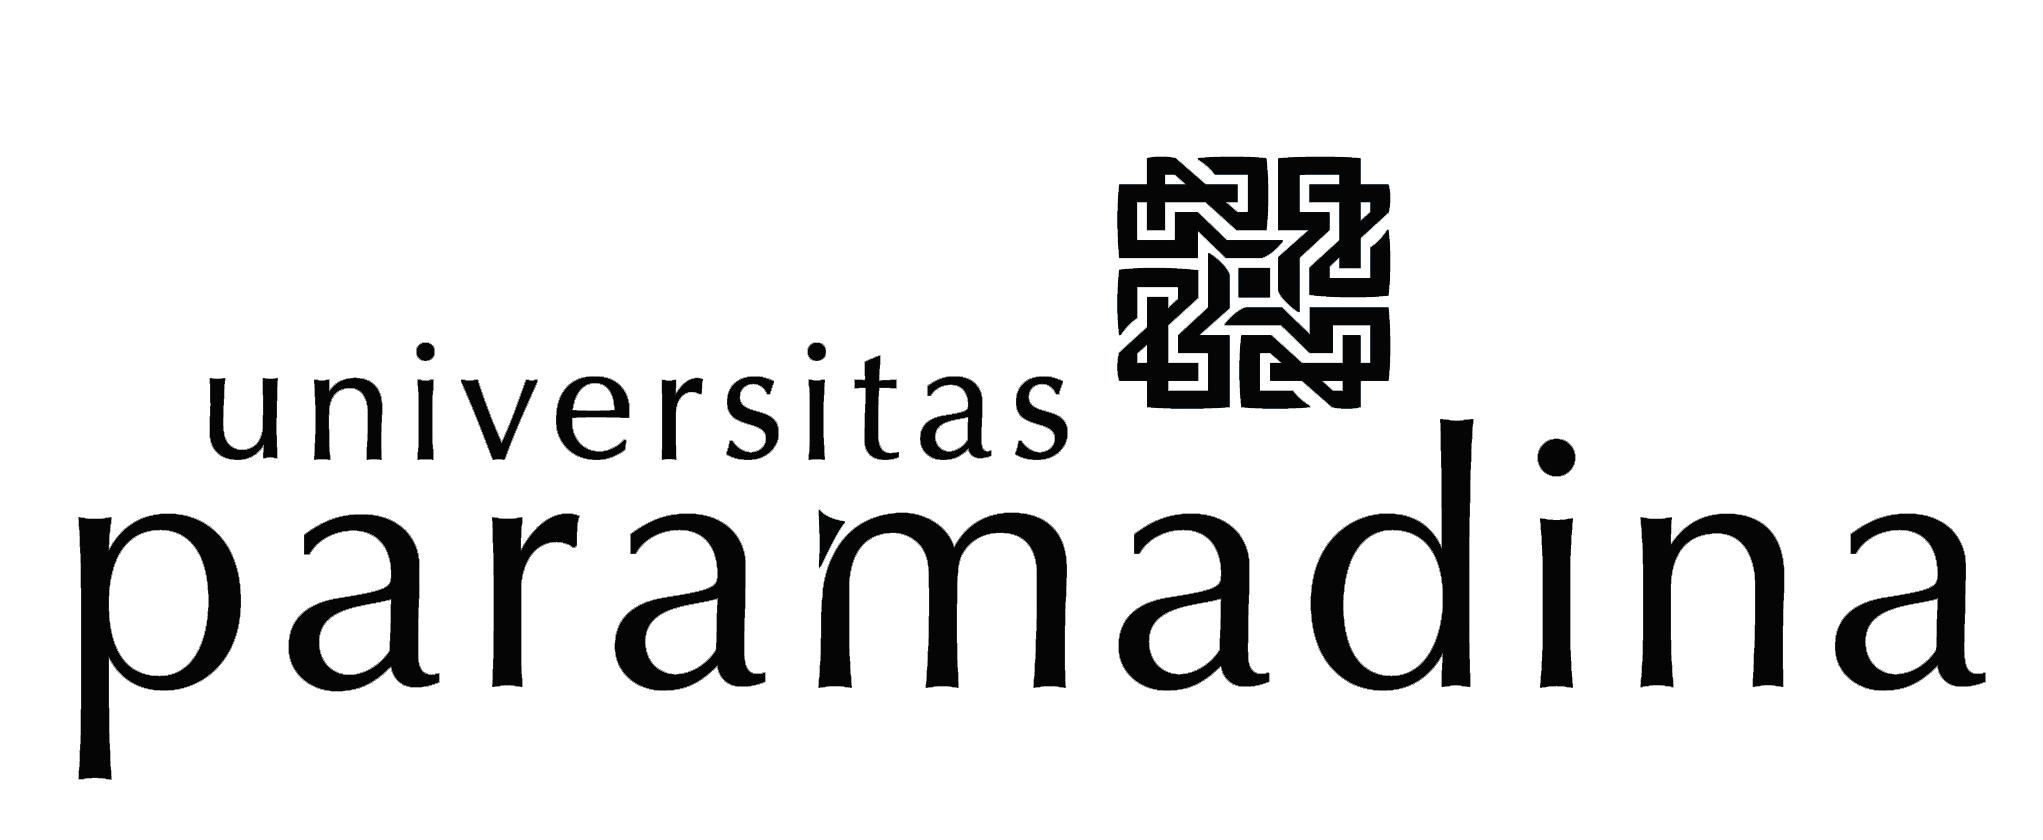 Logo Paramadina (Universitas Paramadina) Original Lengkap Hitam Putih PNG